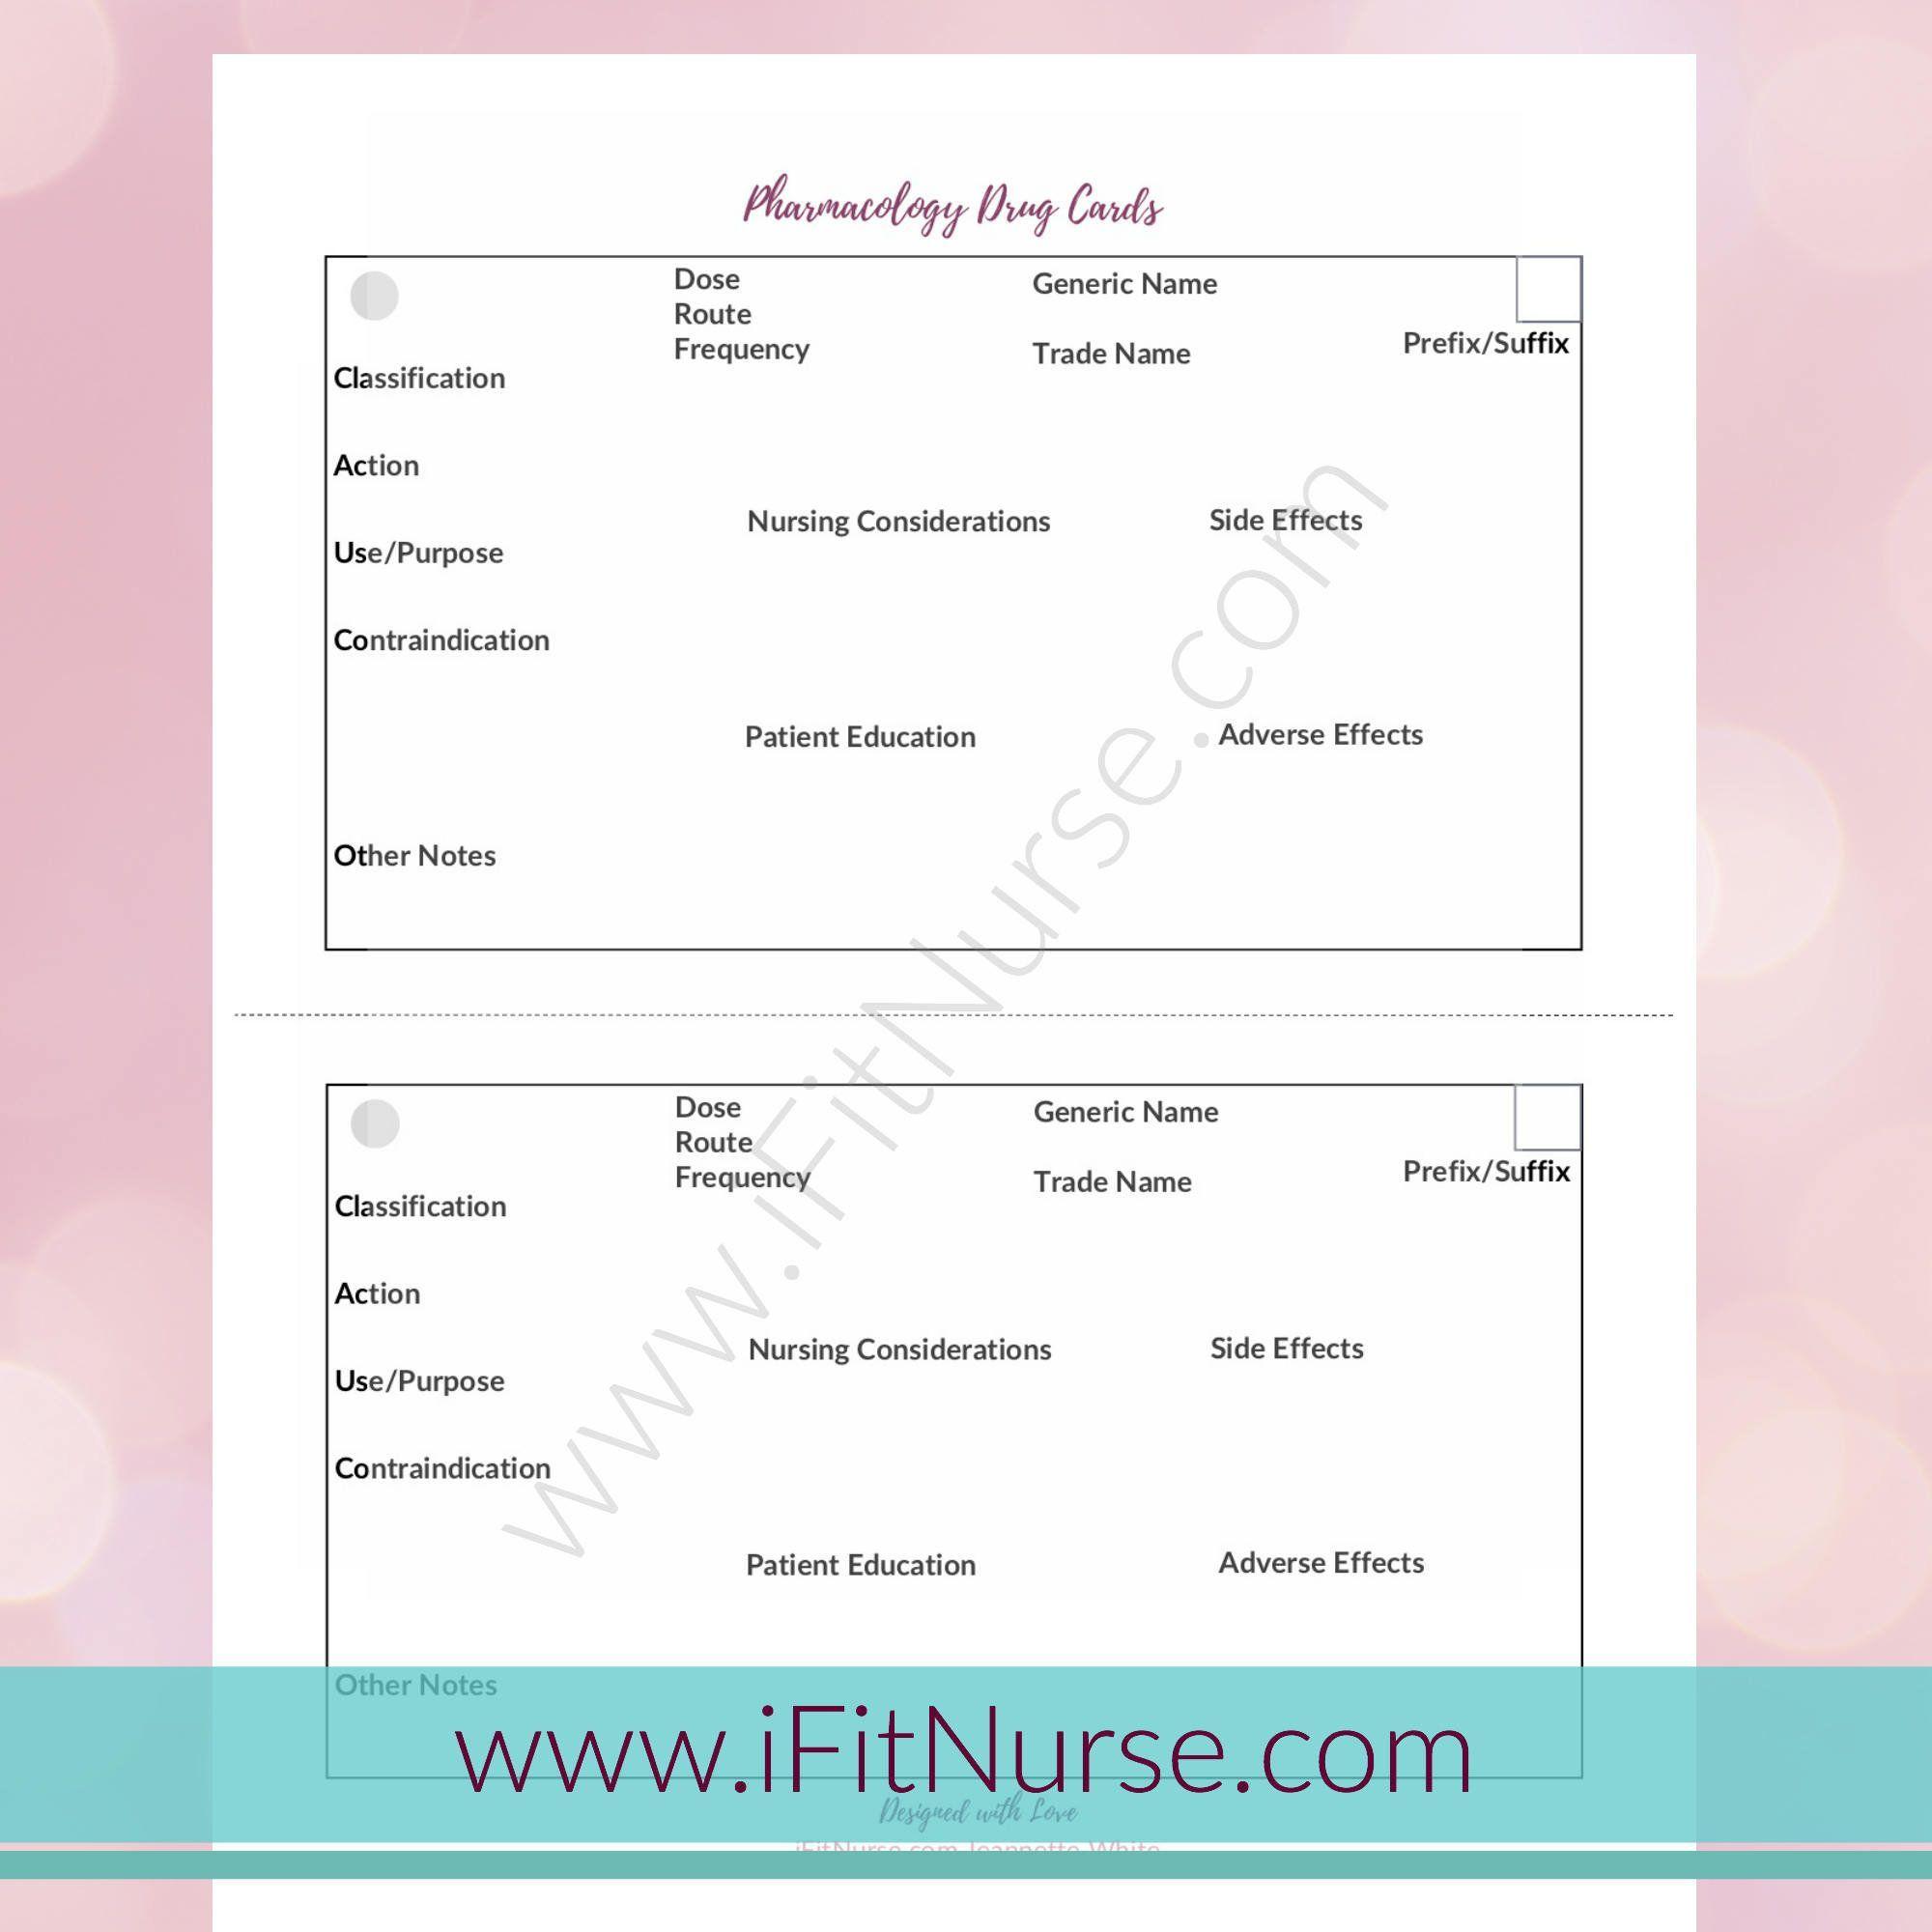 Pharmacology Drug Card Template Nursing Organization For Med Cards Template Cumed Org Drug Cards Pharmacology Nurse Organization